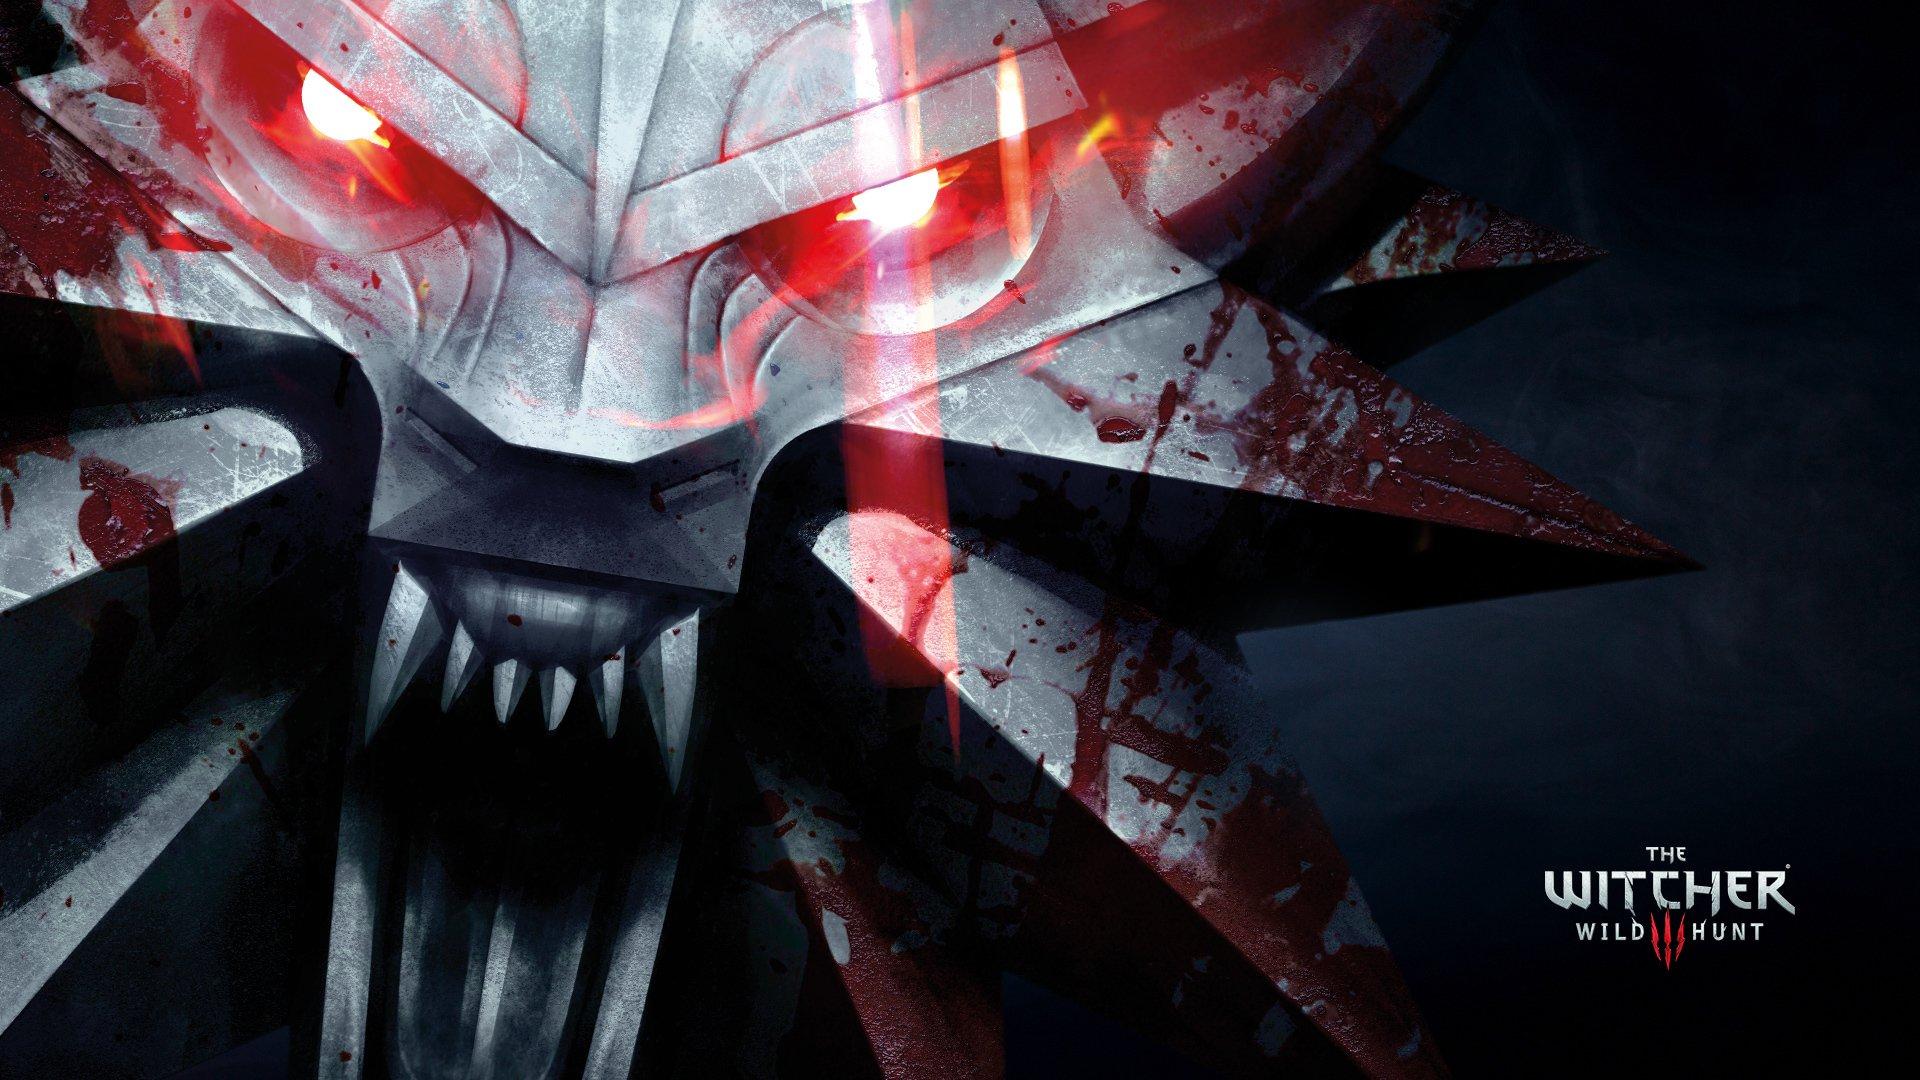 The Witcher 3: Wild Hunt. Оценки!  GameSpot — 10/10  Одна из лучших игр в истории  GameGuru - 10/10 Gameswelt - 10/ ... - Изображение 3